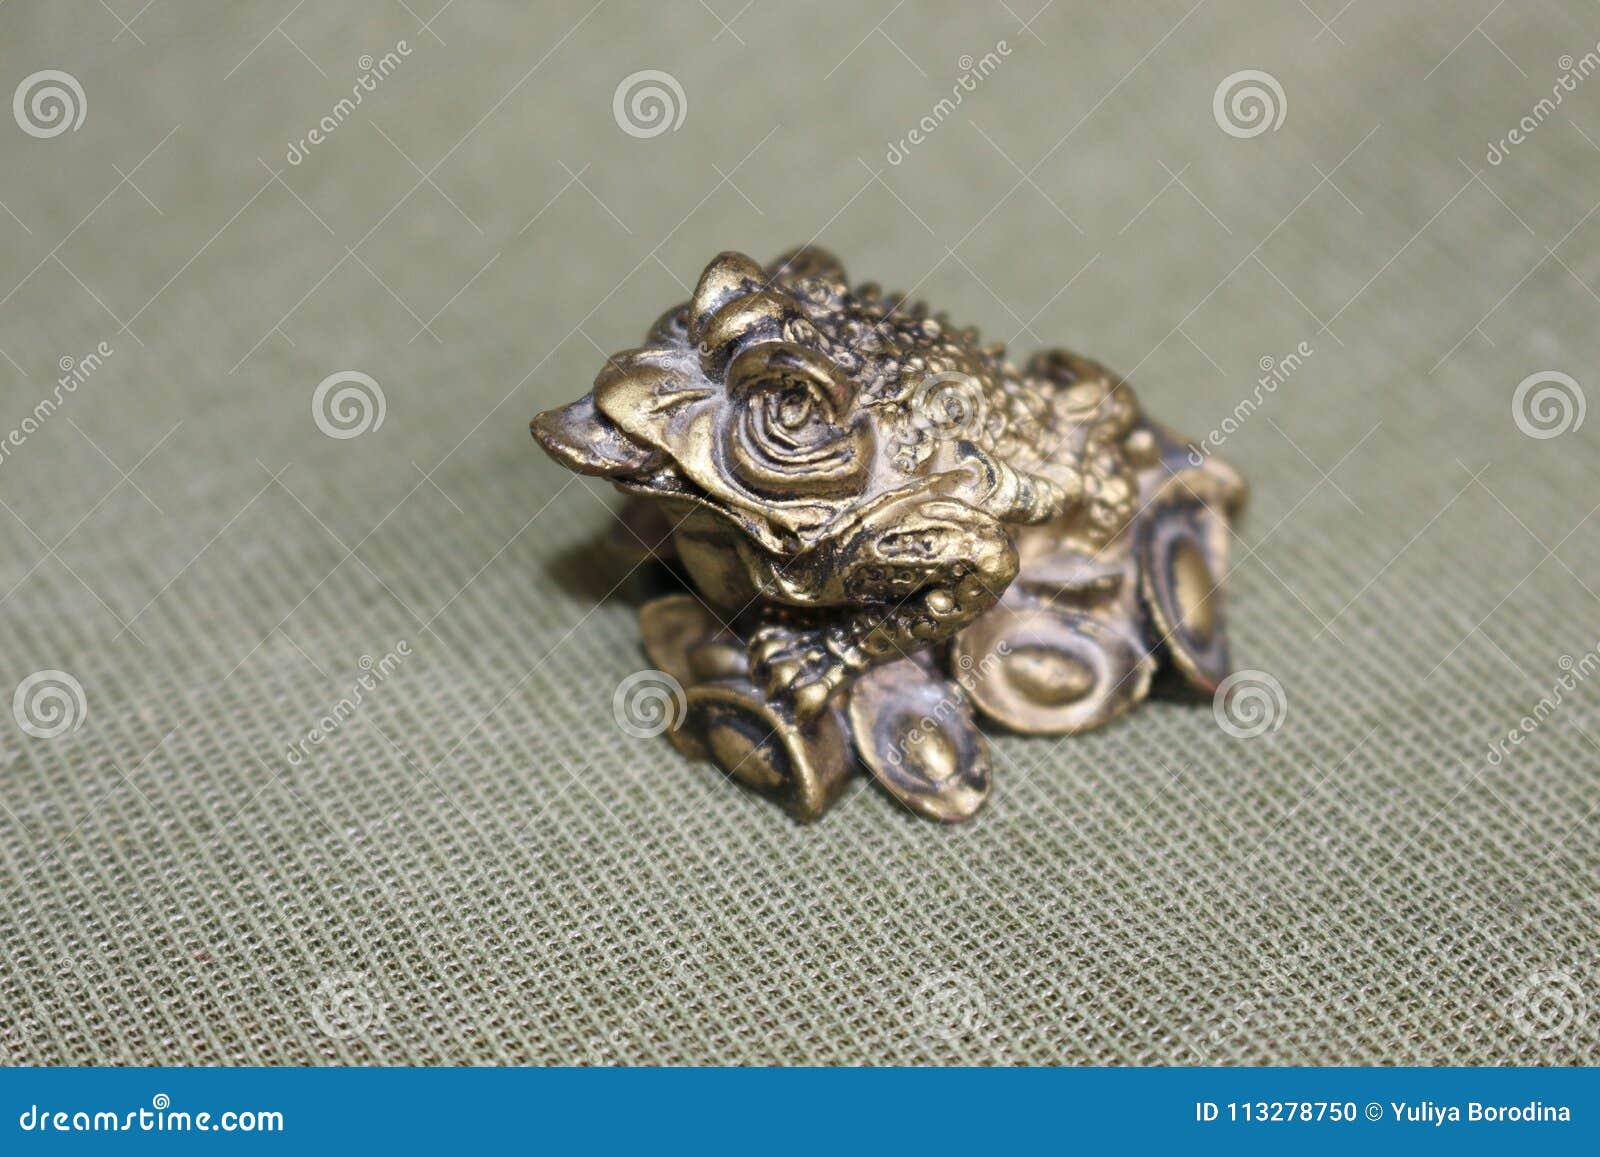 Símbolo de la rana, trayendo el dinero, prosperidad